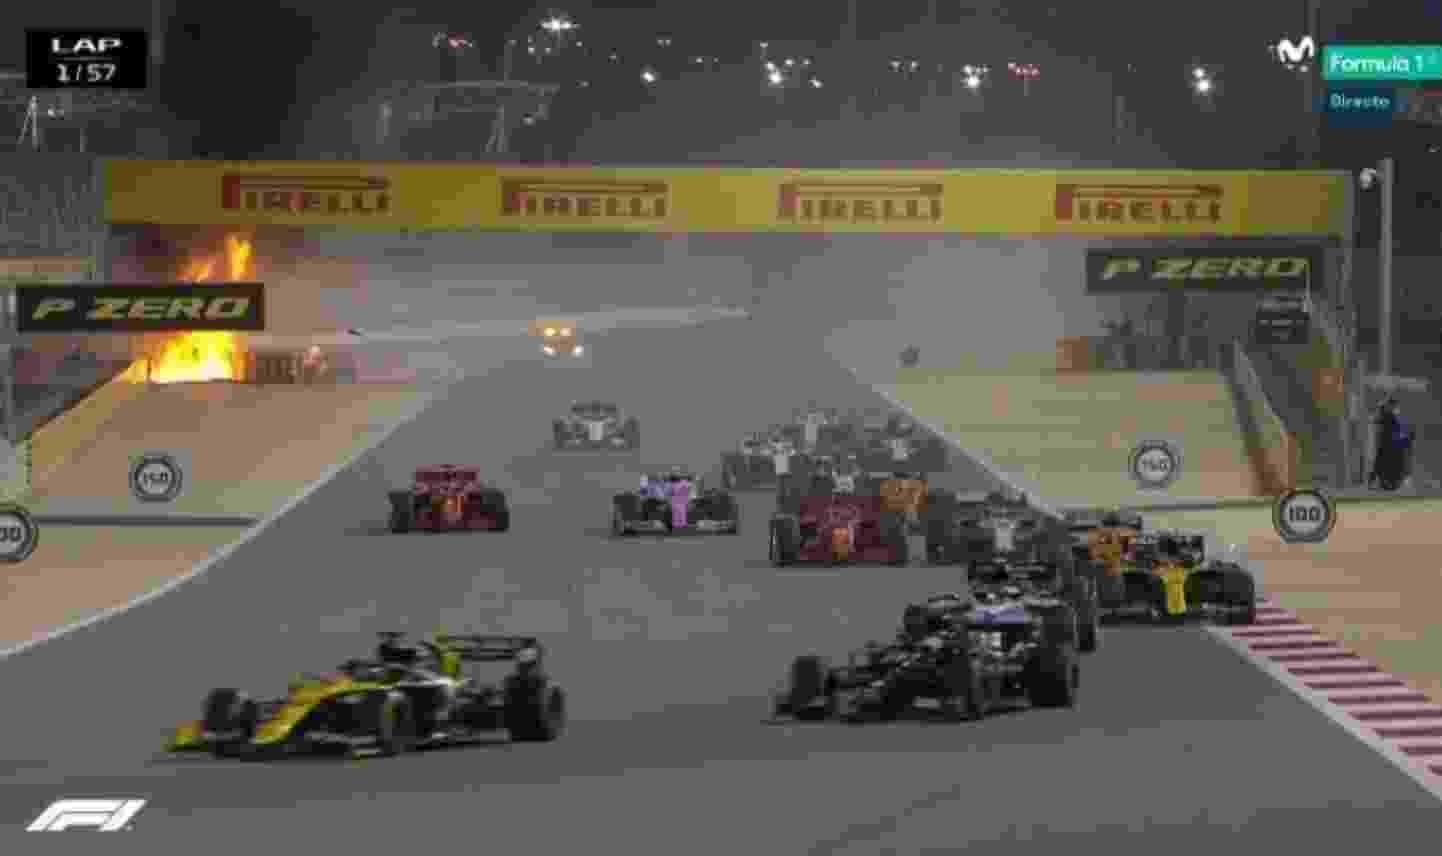 Romain Grosjean sofreu acidente grave durante a largada do GP do Bahrein - Reprodução/Movistar